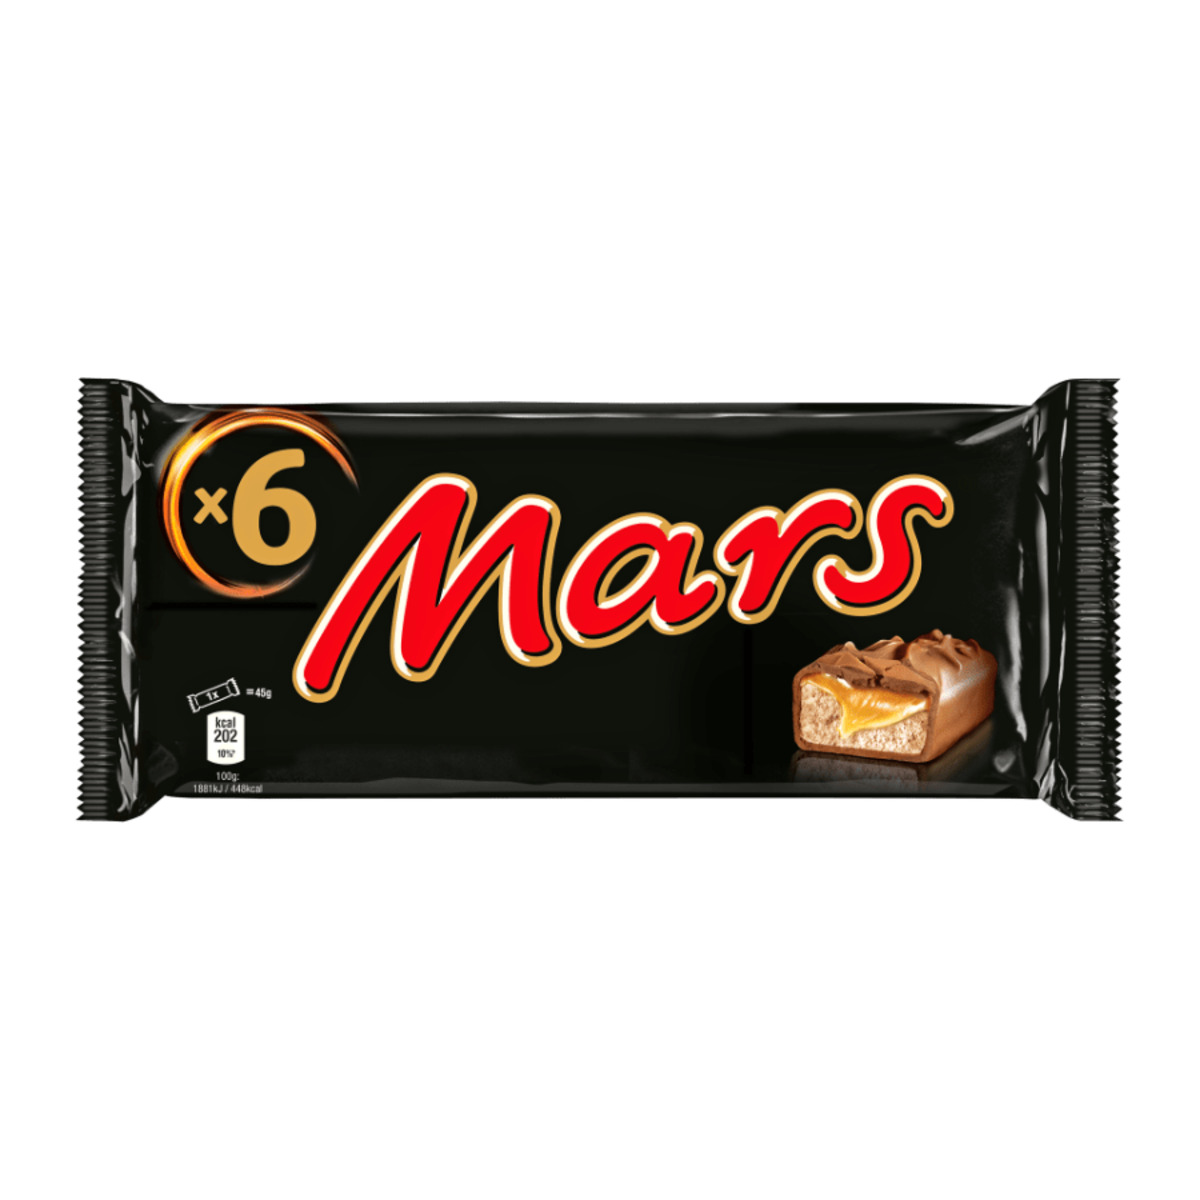 Bild 2 von Mars / Twix / Snickers